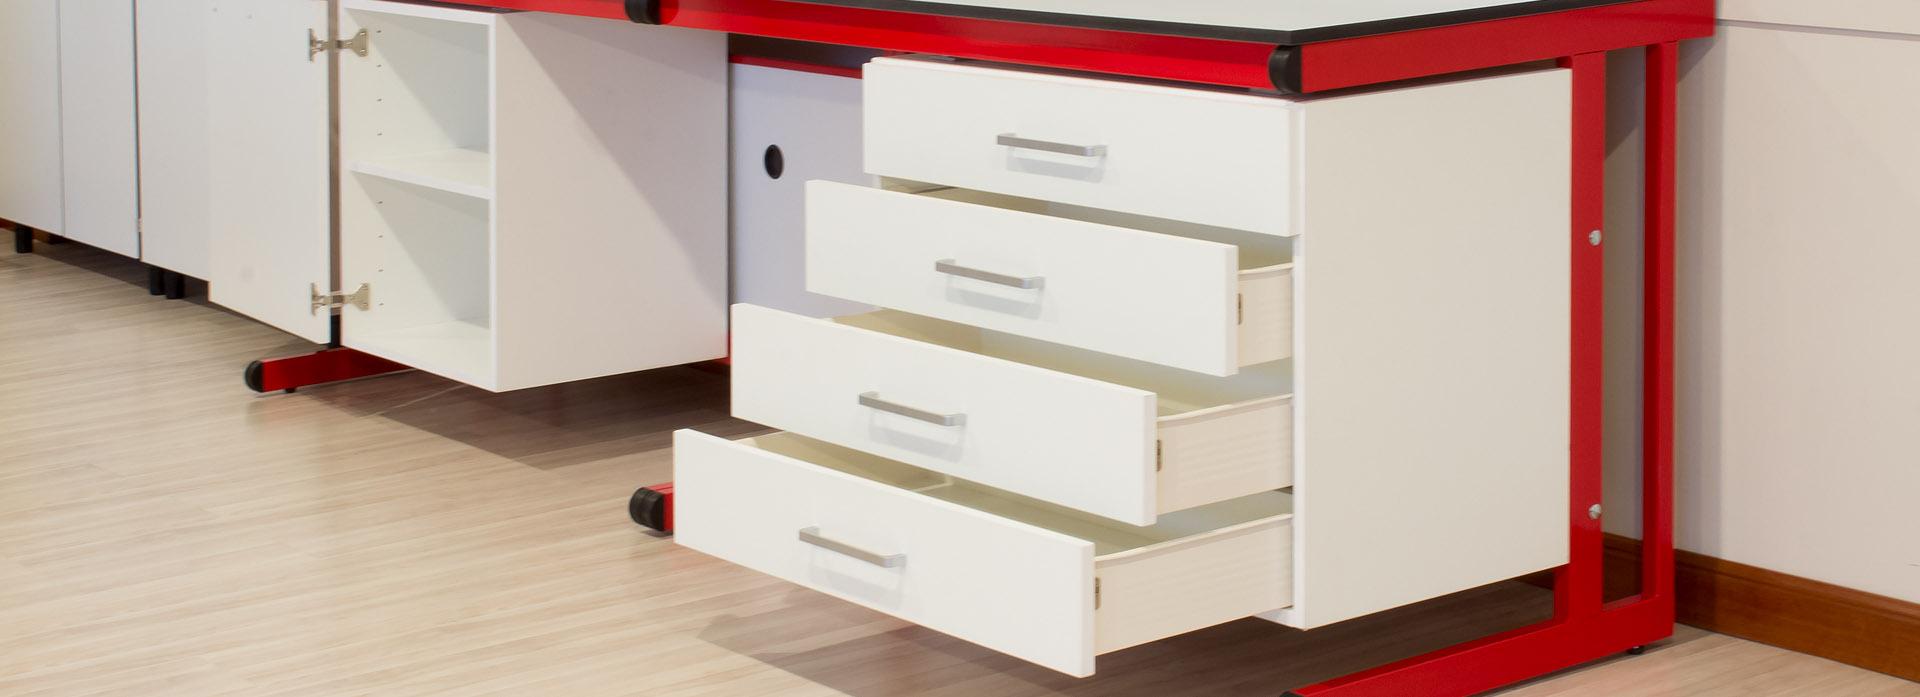 Muebles para ropa con cajones - Muebles de cajones ...